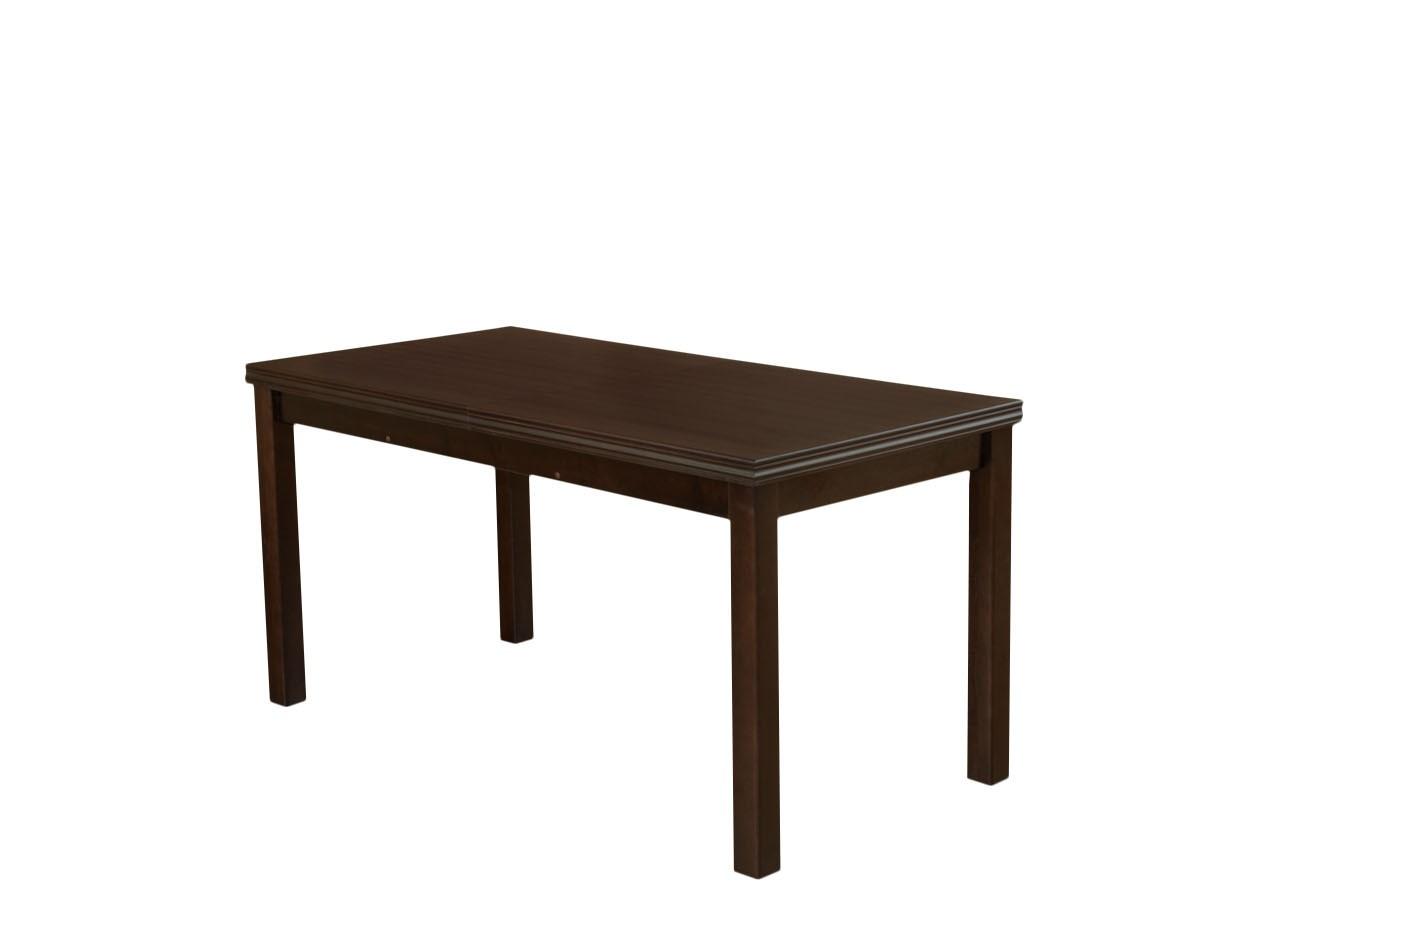 Nowoczesny stół do jadalni SM16 rozkładany do 200 cm